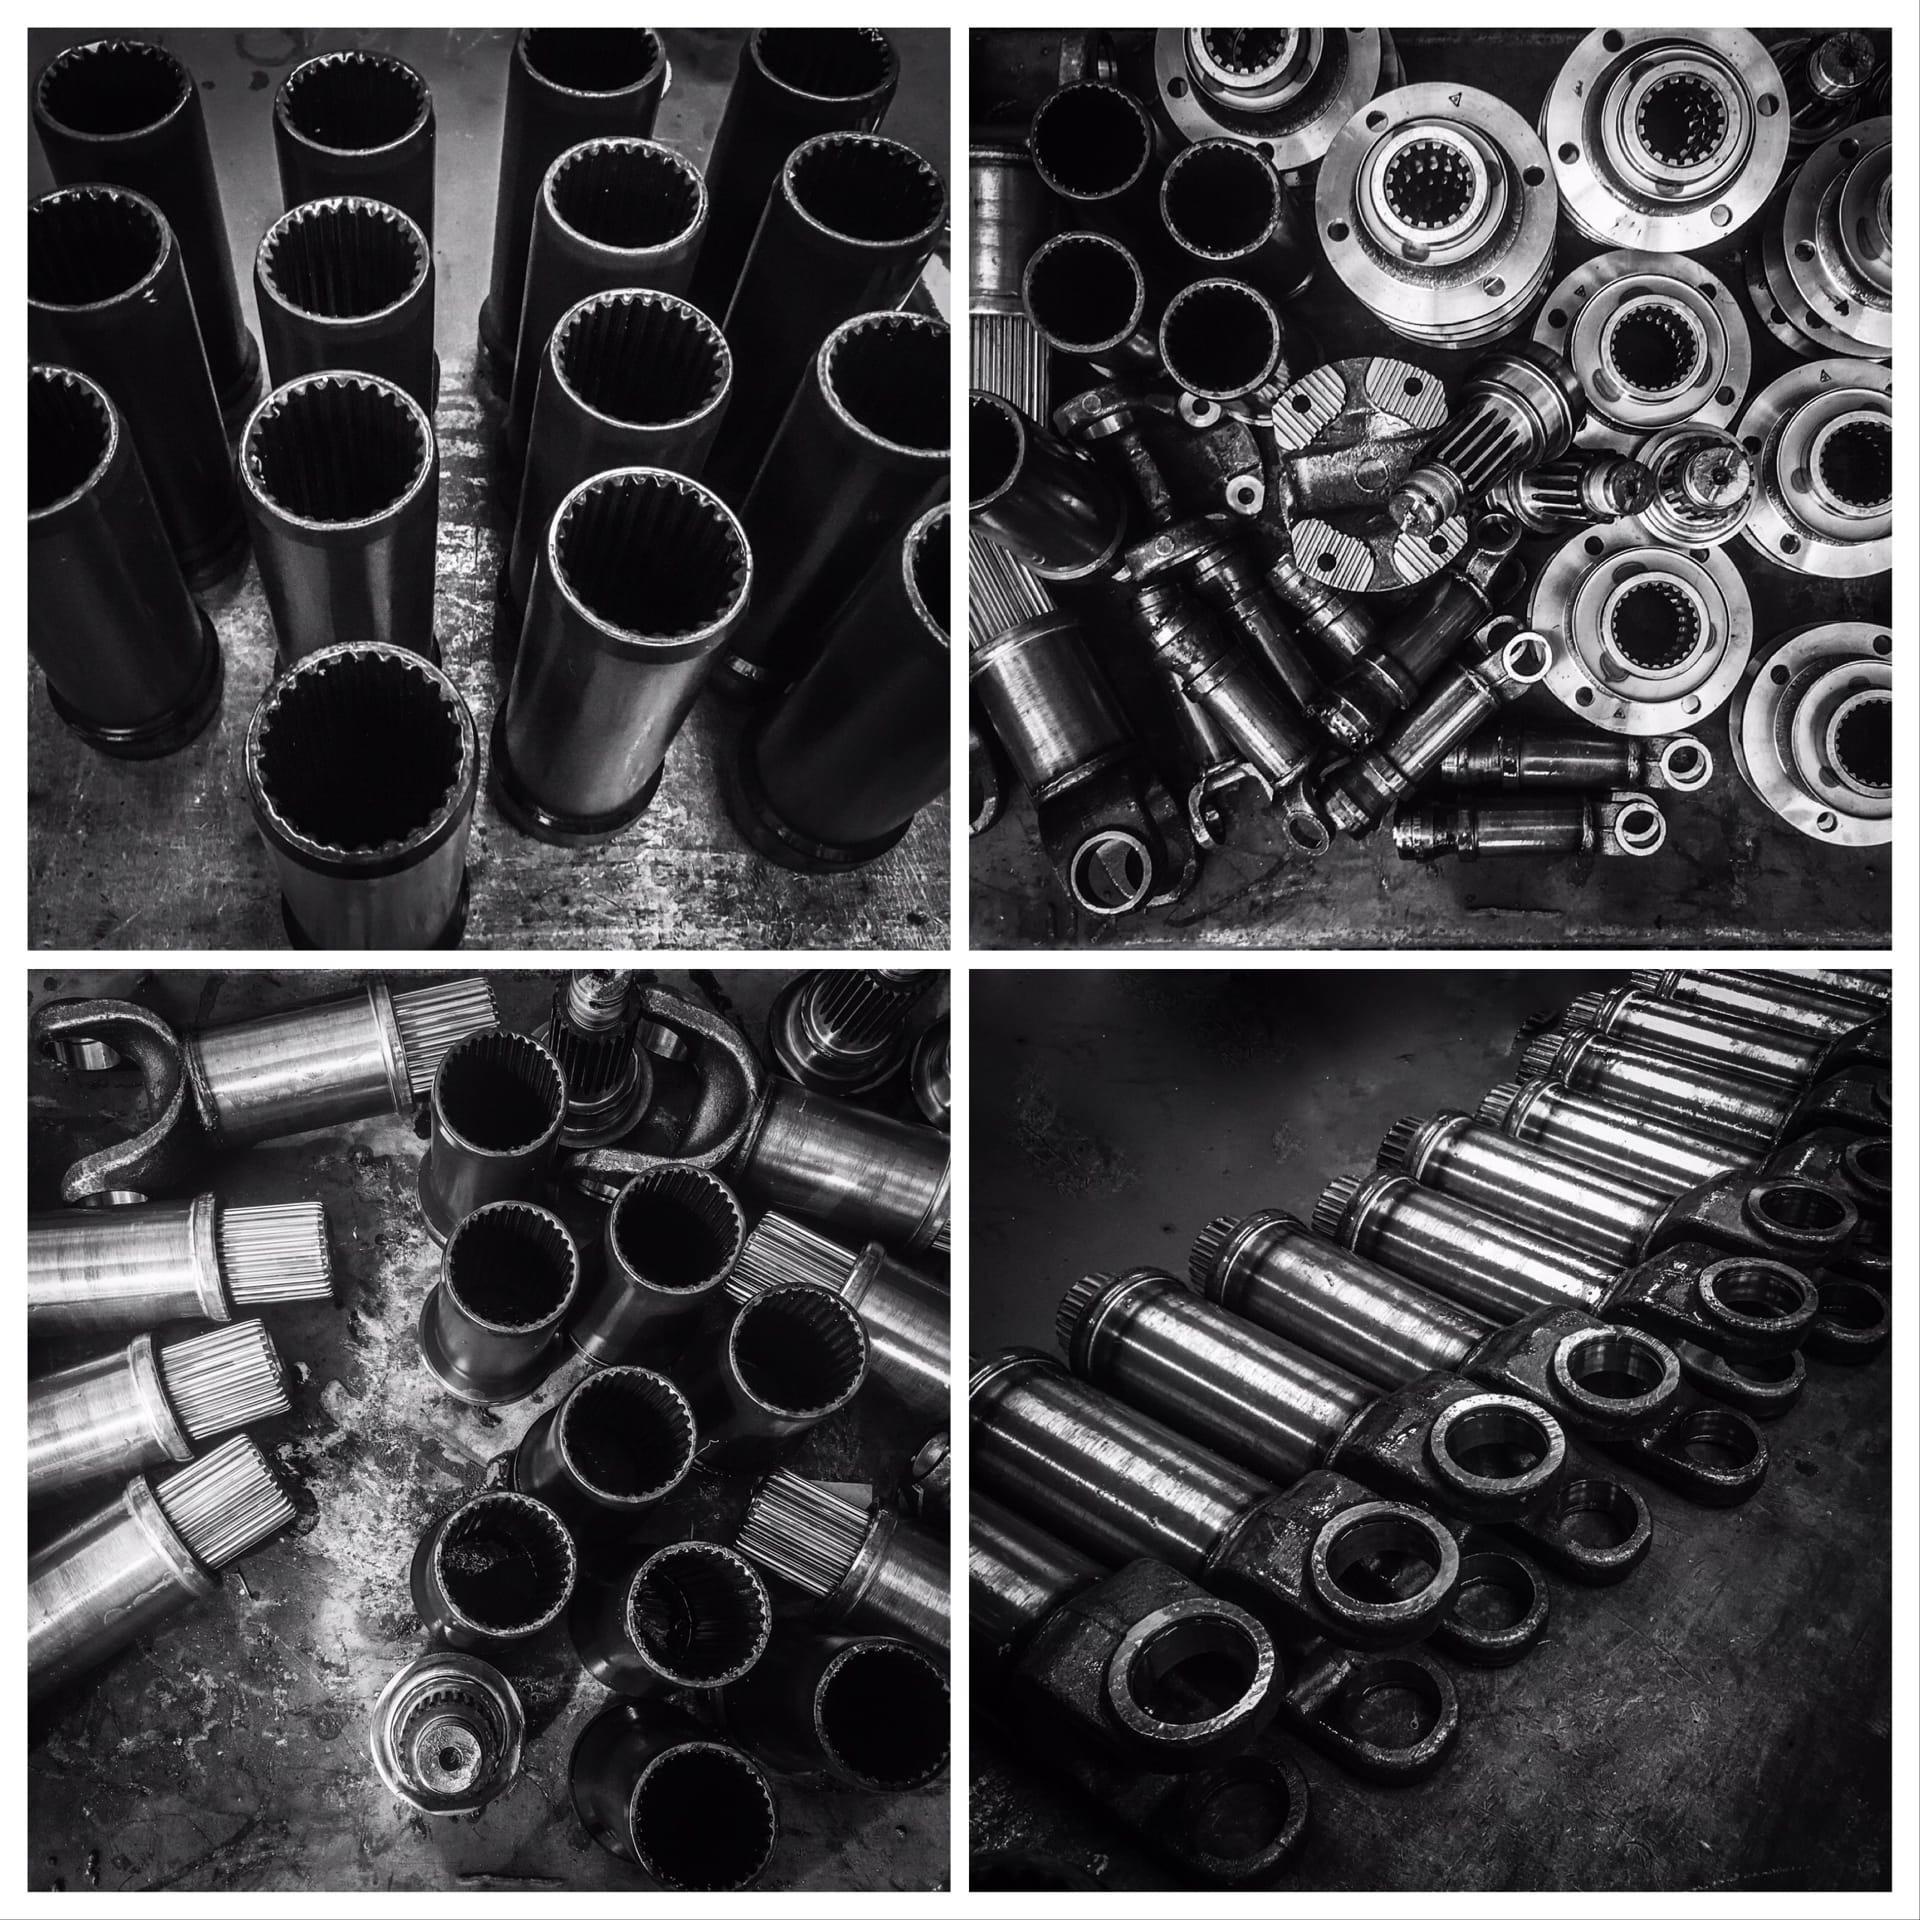 Поступление на склад запчастей для карданных валов автомобилей отечественного производства